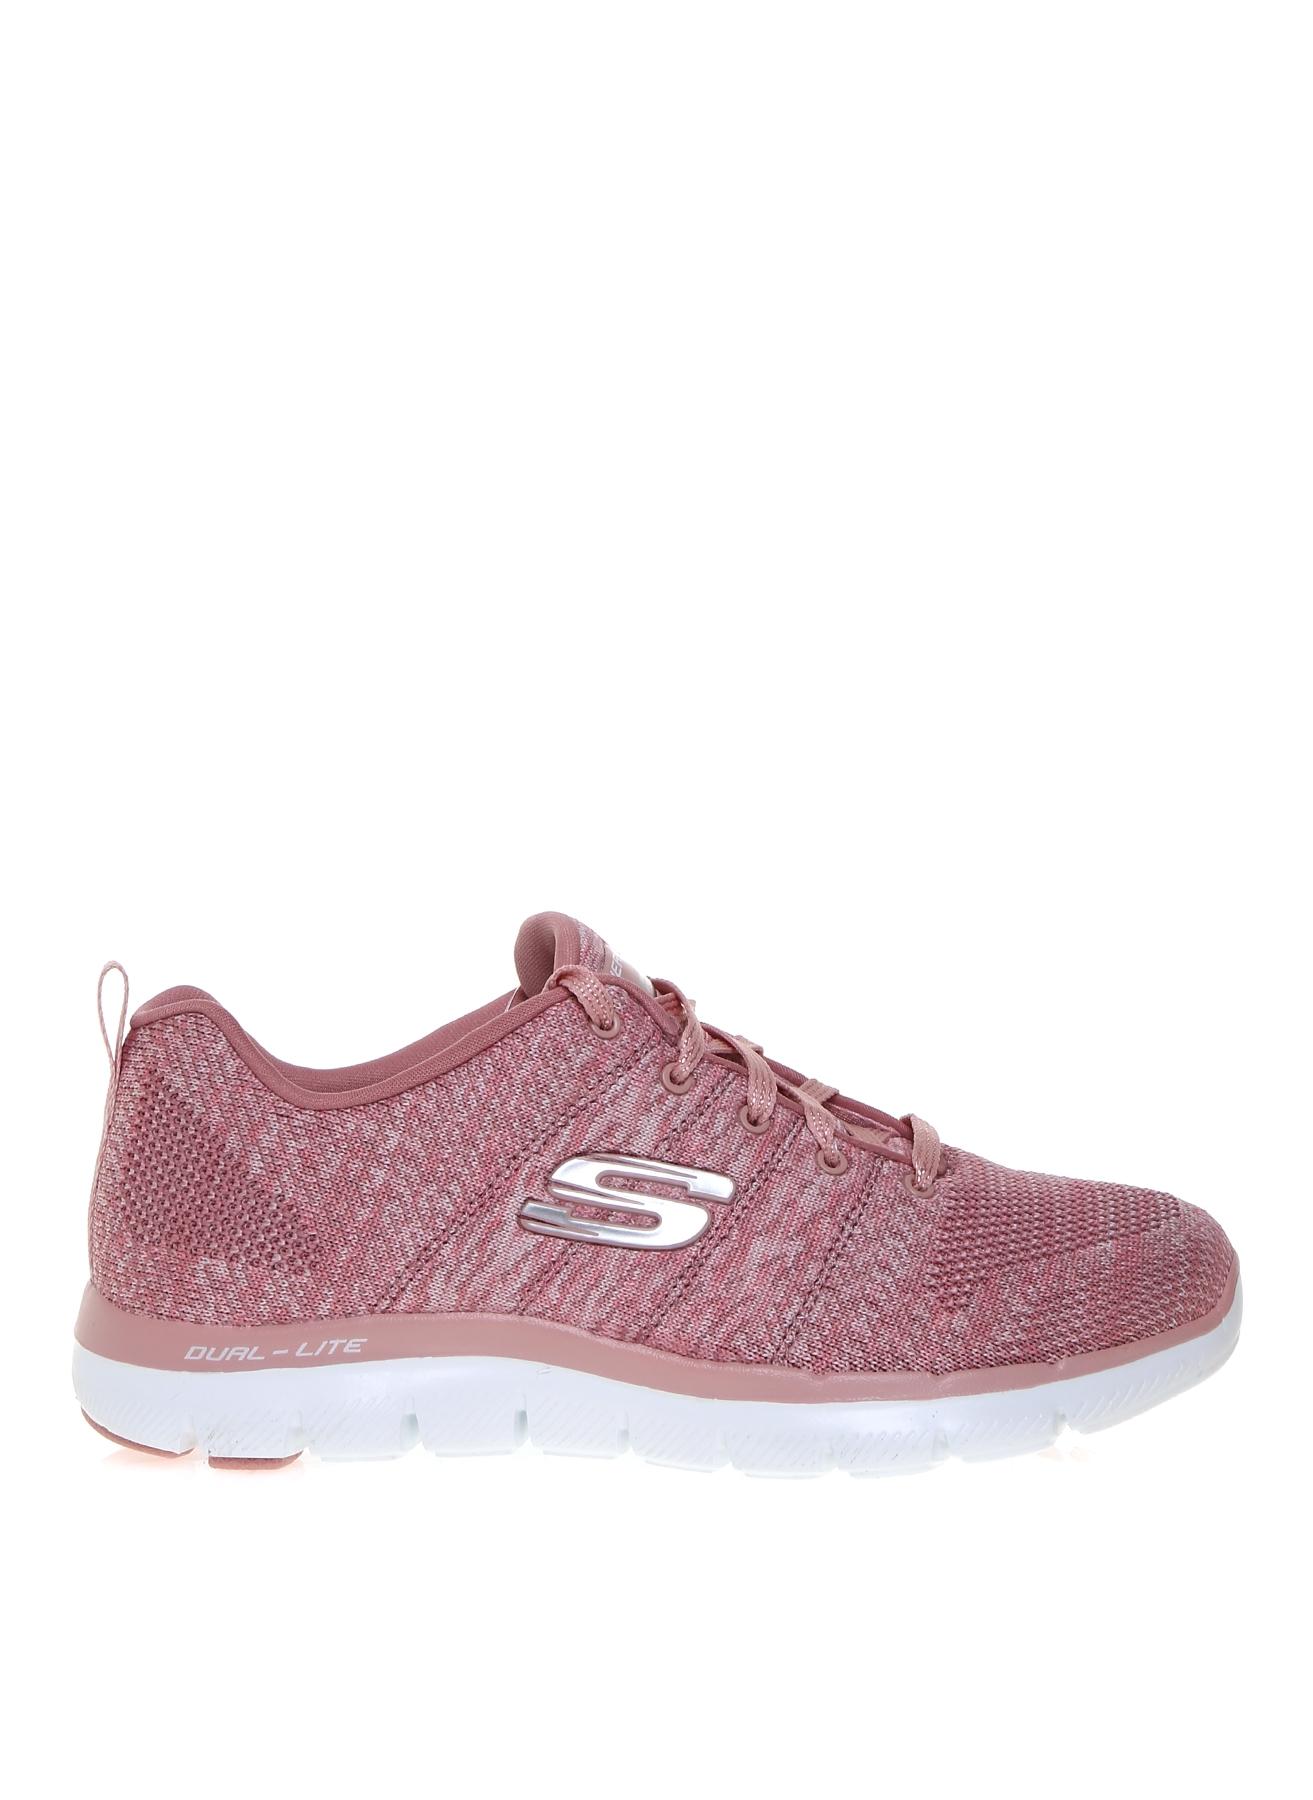 Skechers Flex Appeal 2.0 Yürüyüş Ayakkabısı 37 5000194302004 Ürün Resmi